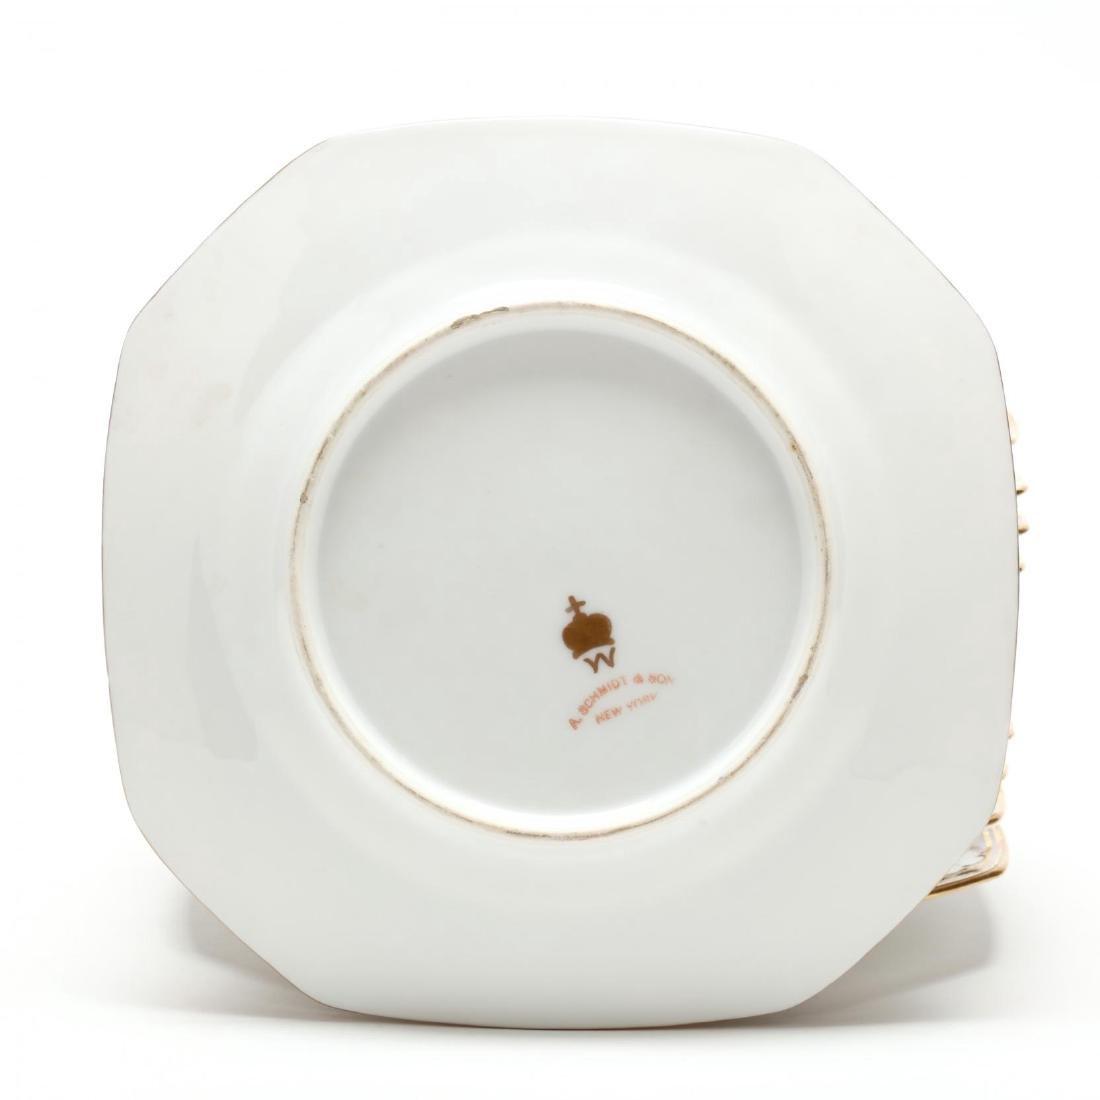 A Set of Twelve Porcelain Dessert Plates - 3